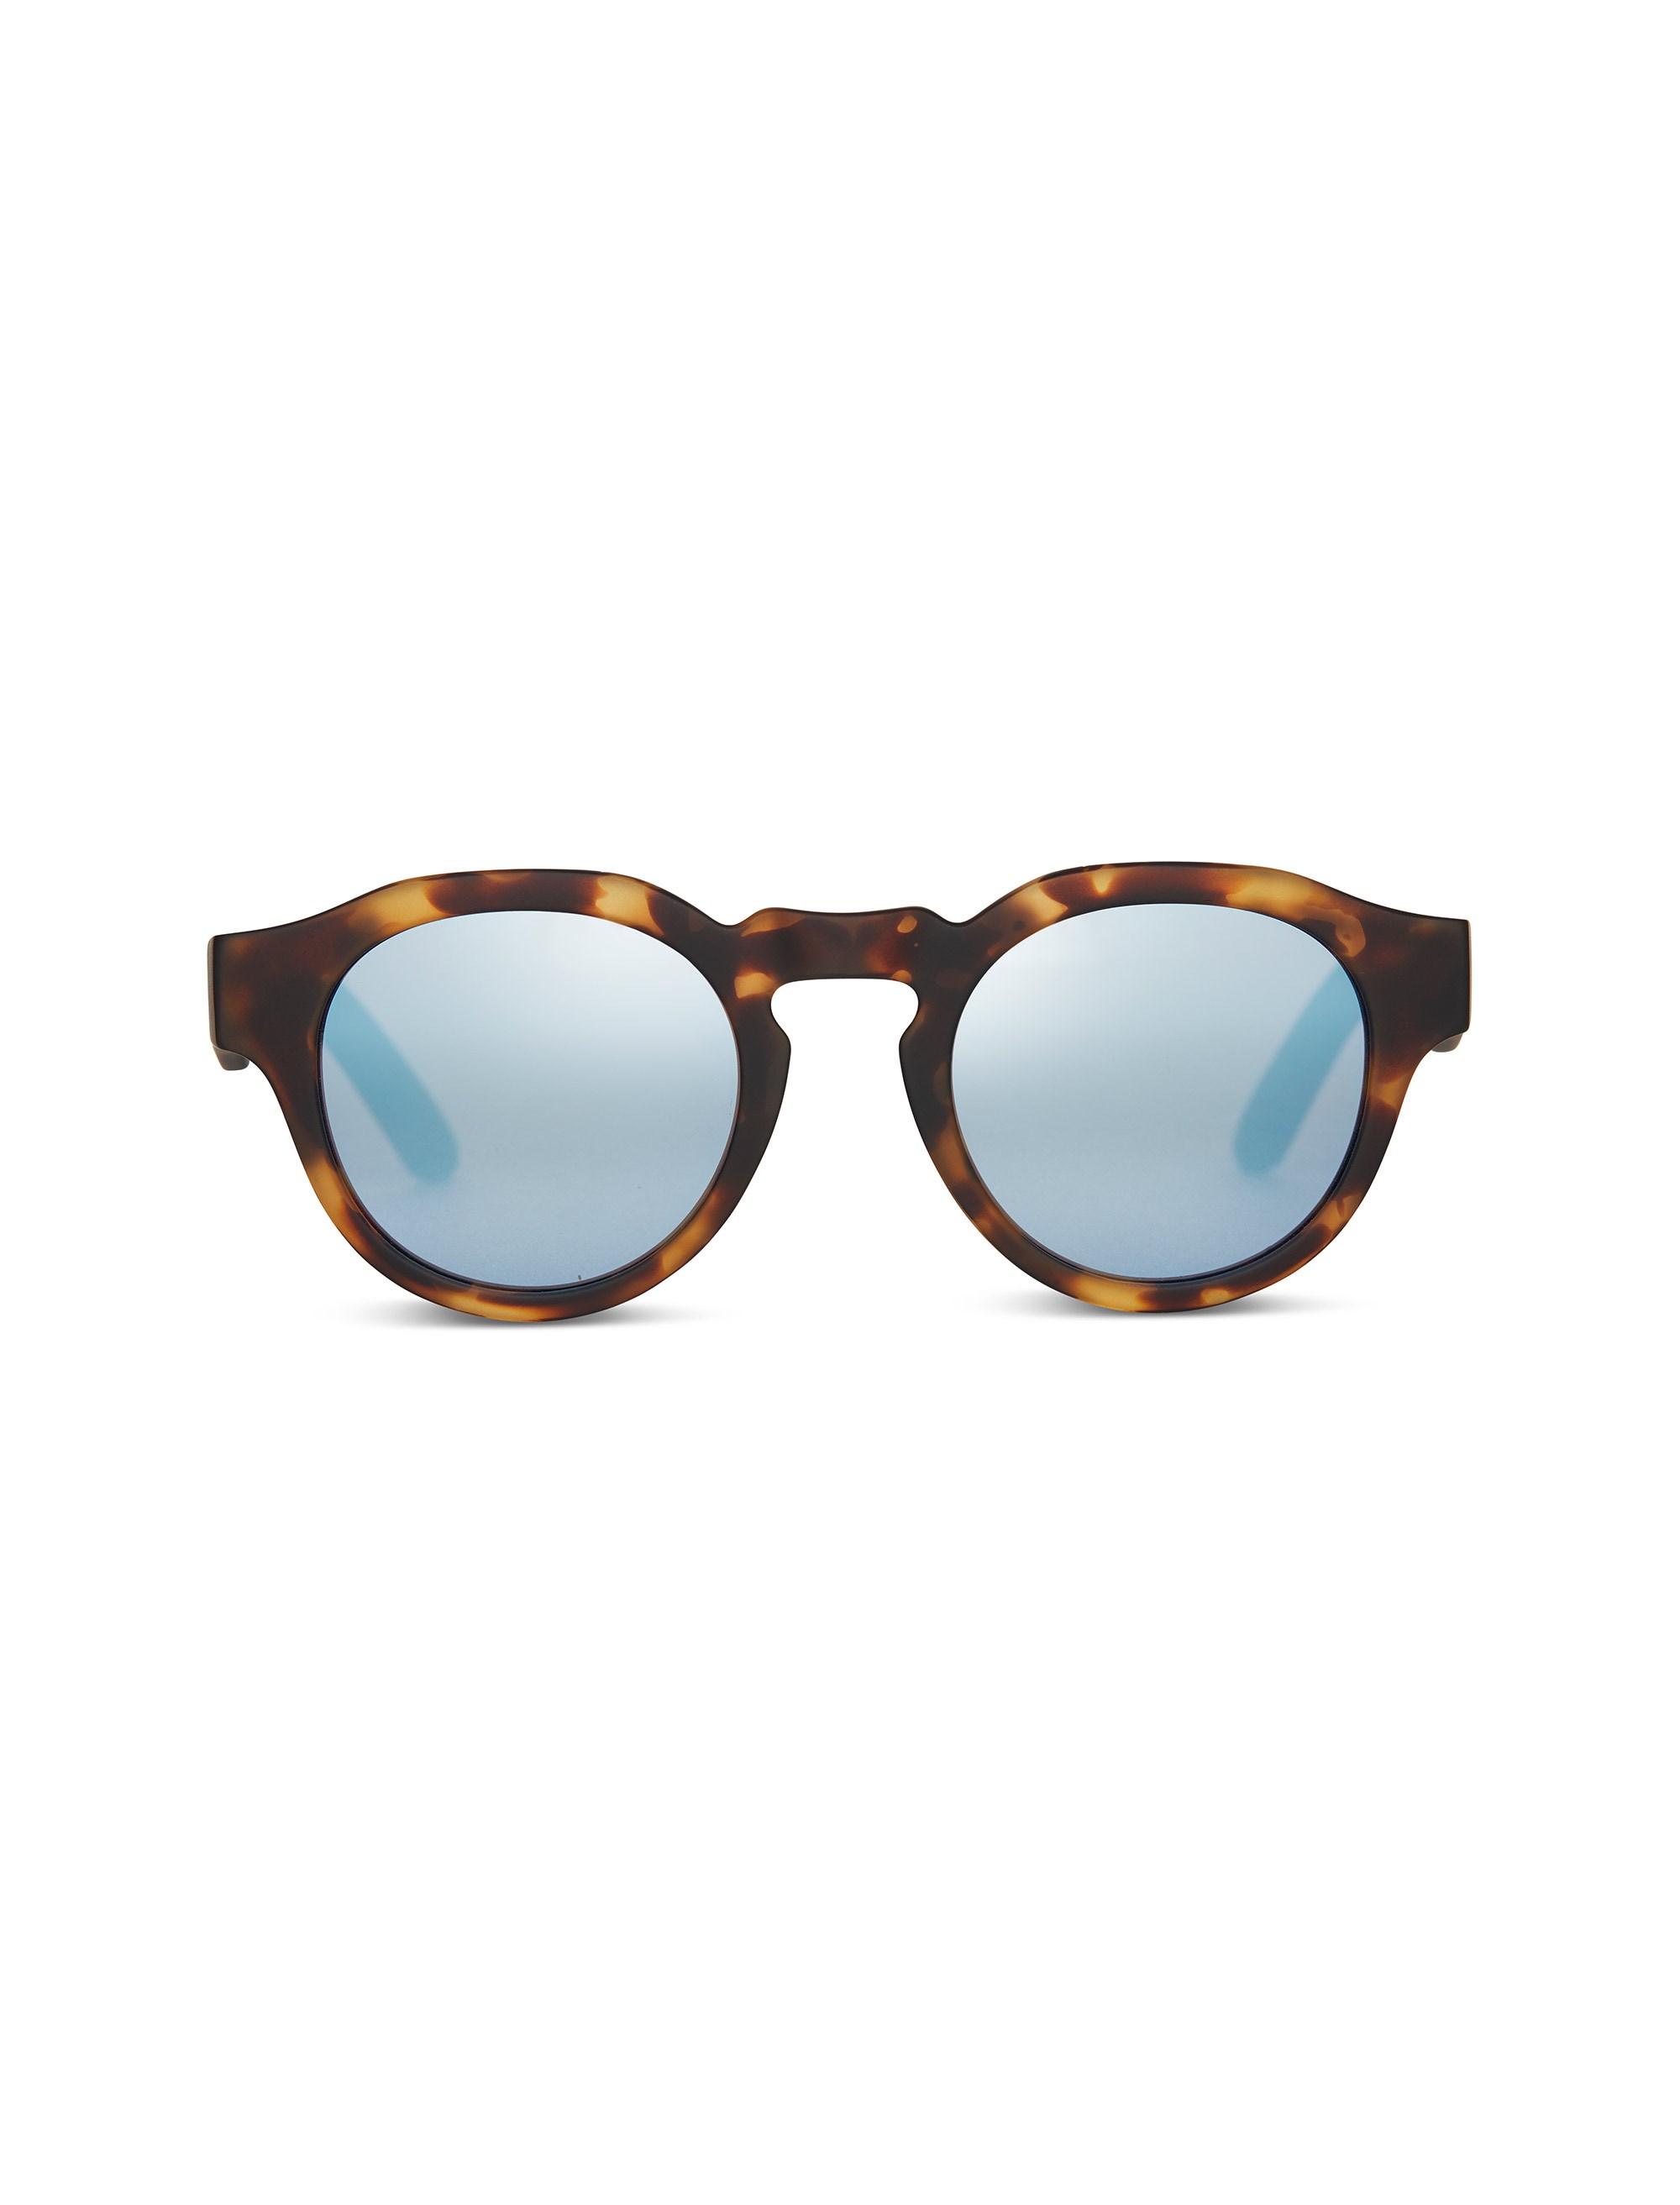 عینک آفتابی پنتوس بزرگسال BRYTON - تامز